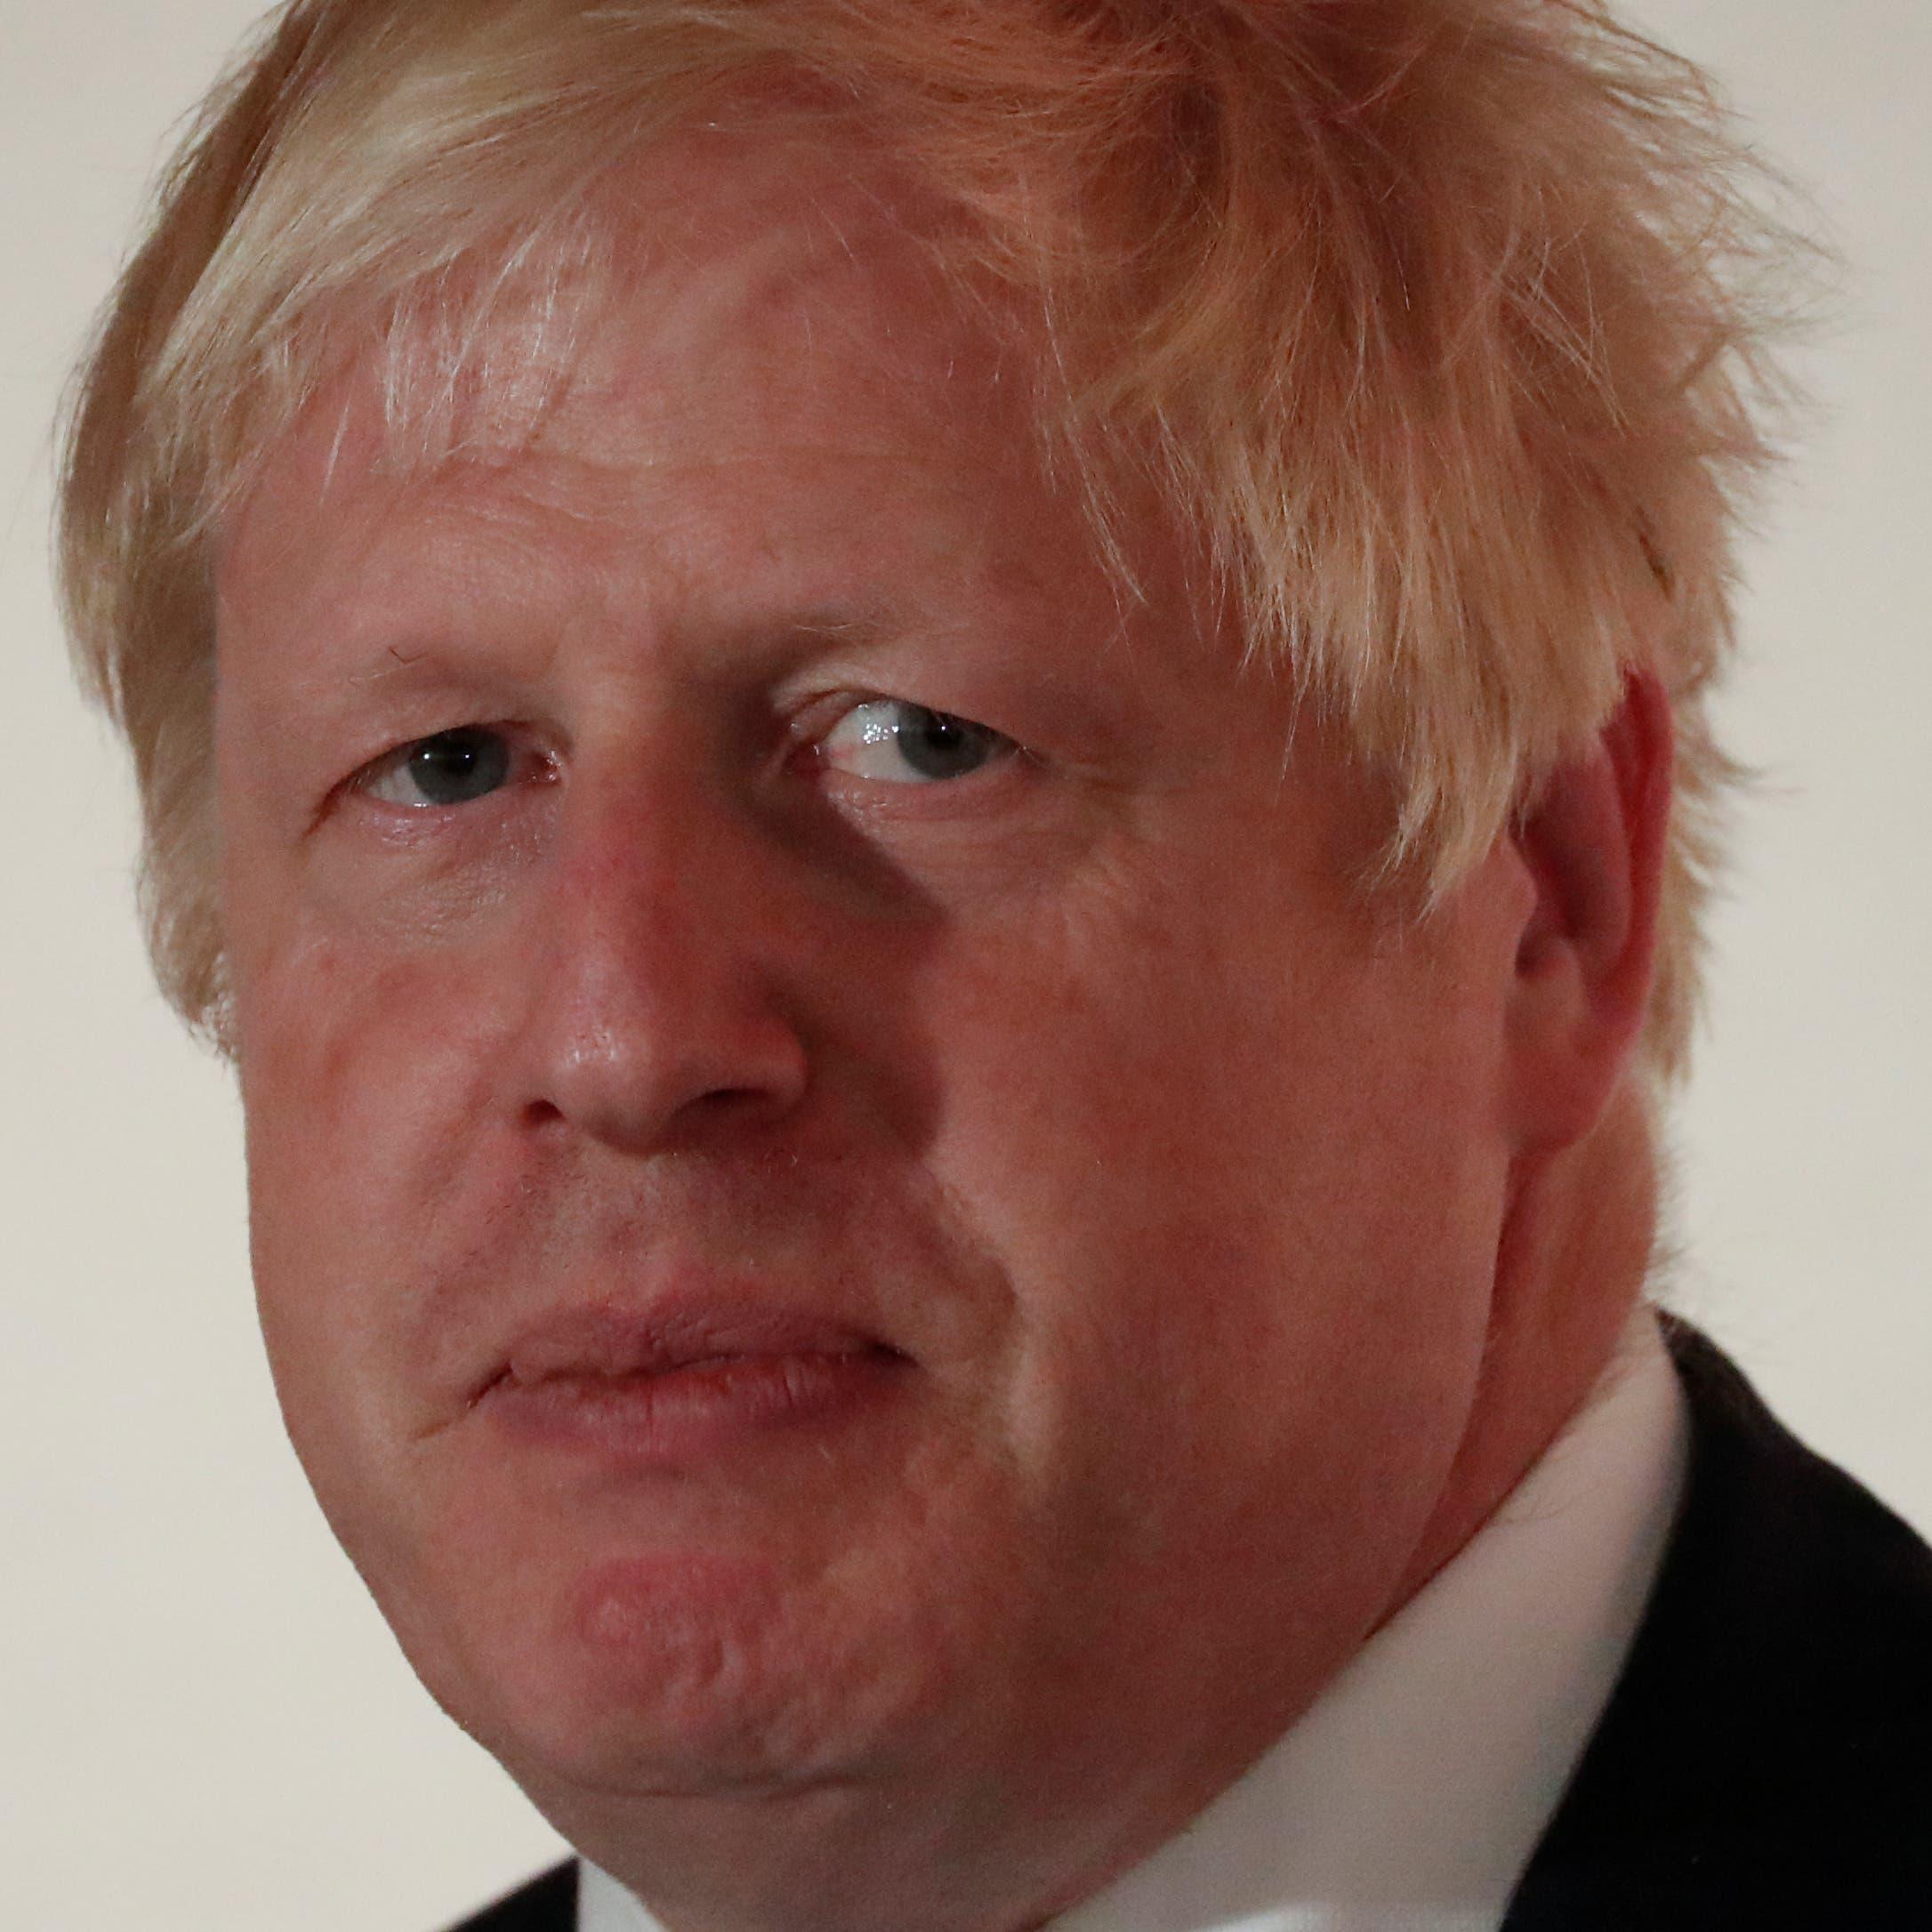 جونسون يتعهد بمغادرة الاتحاد الأوروبي نهاية أكتوبر